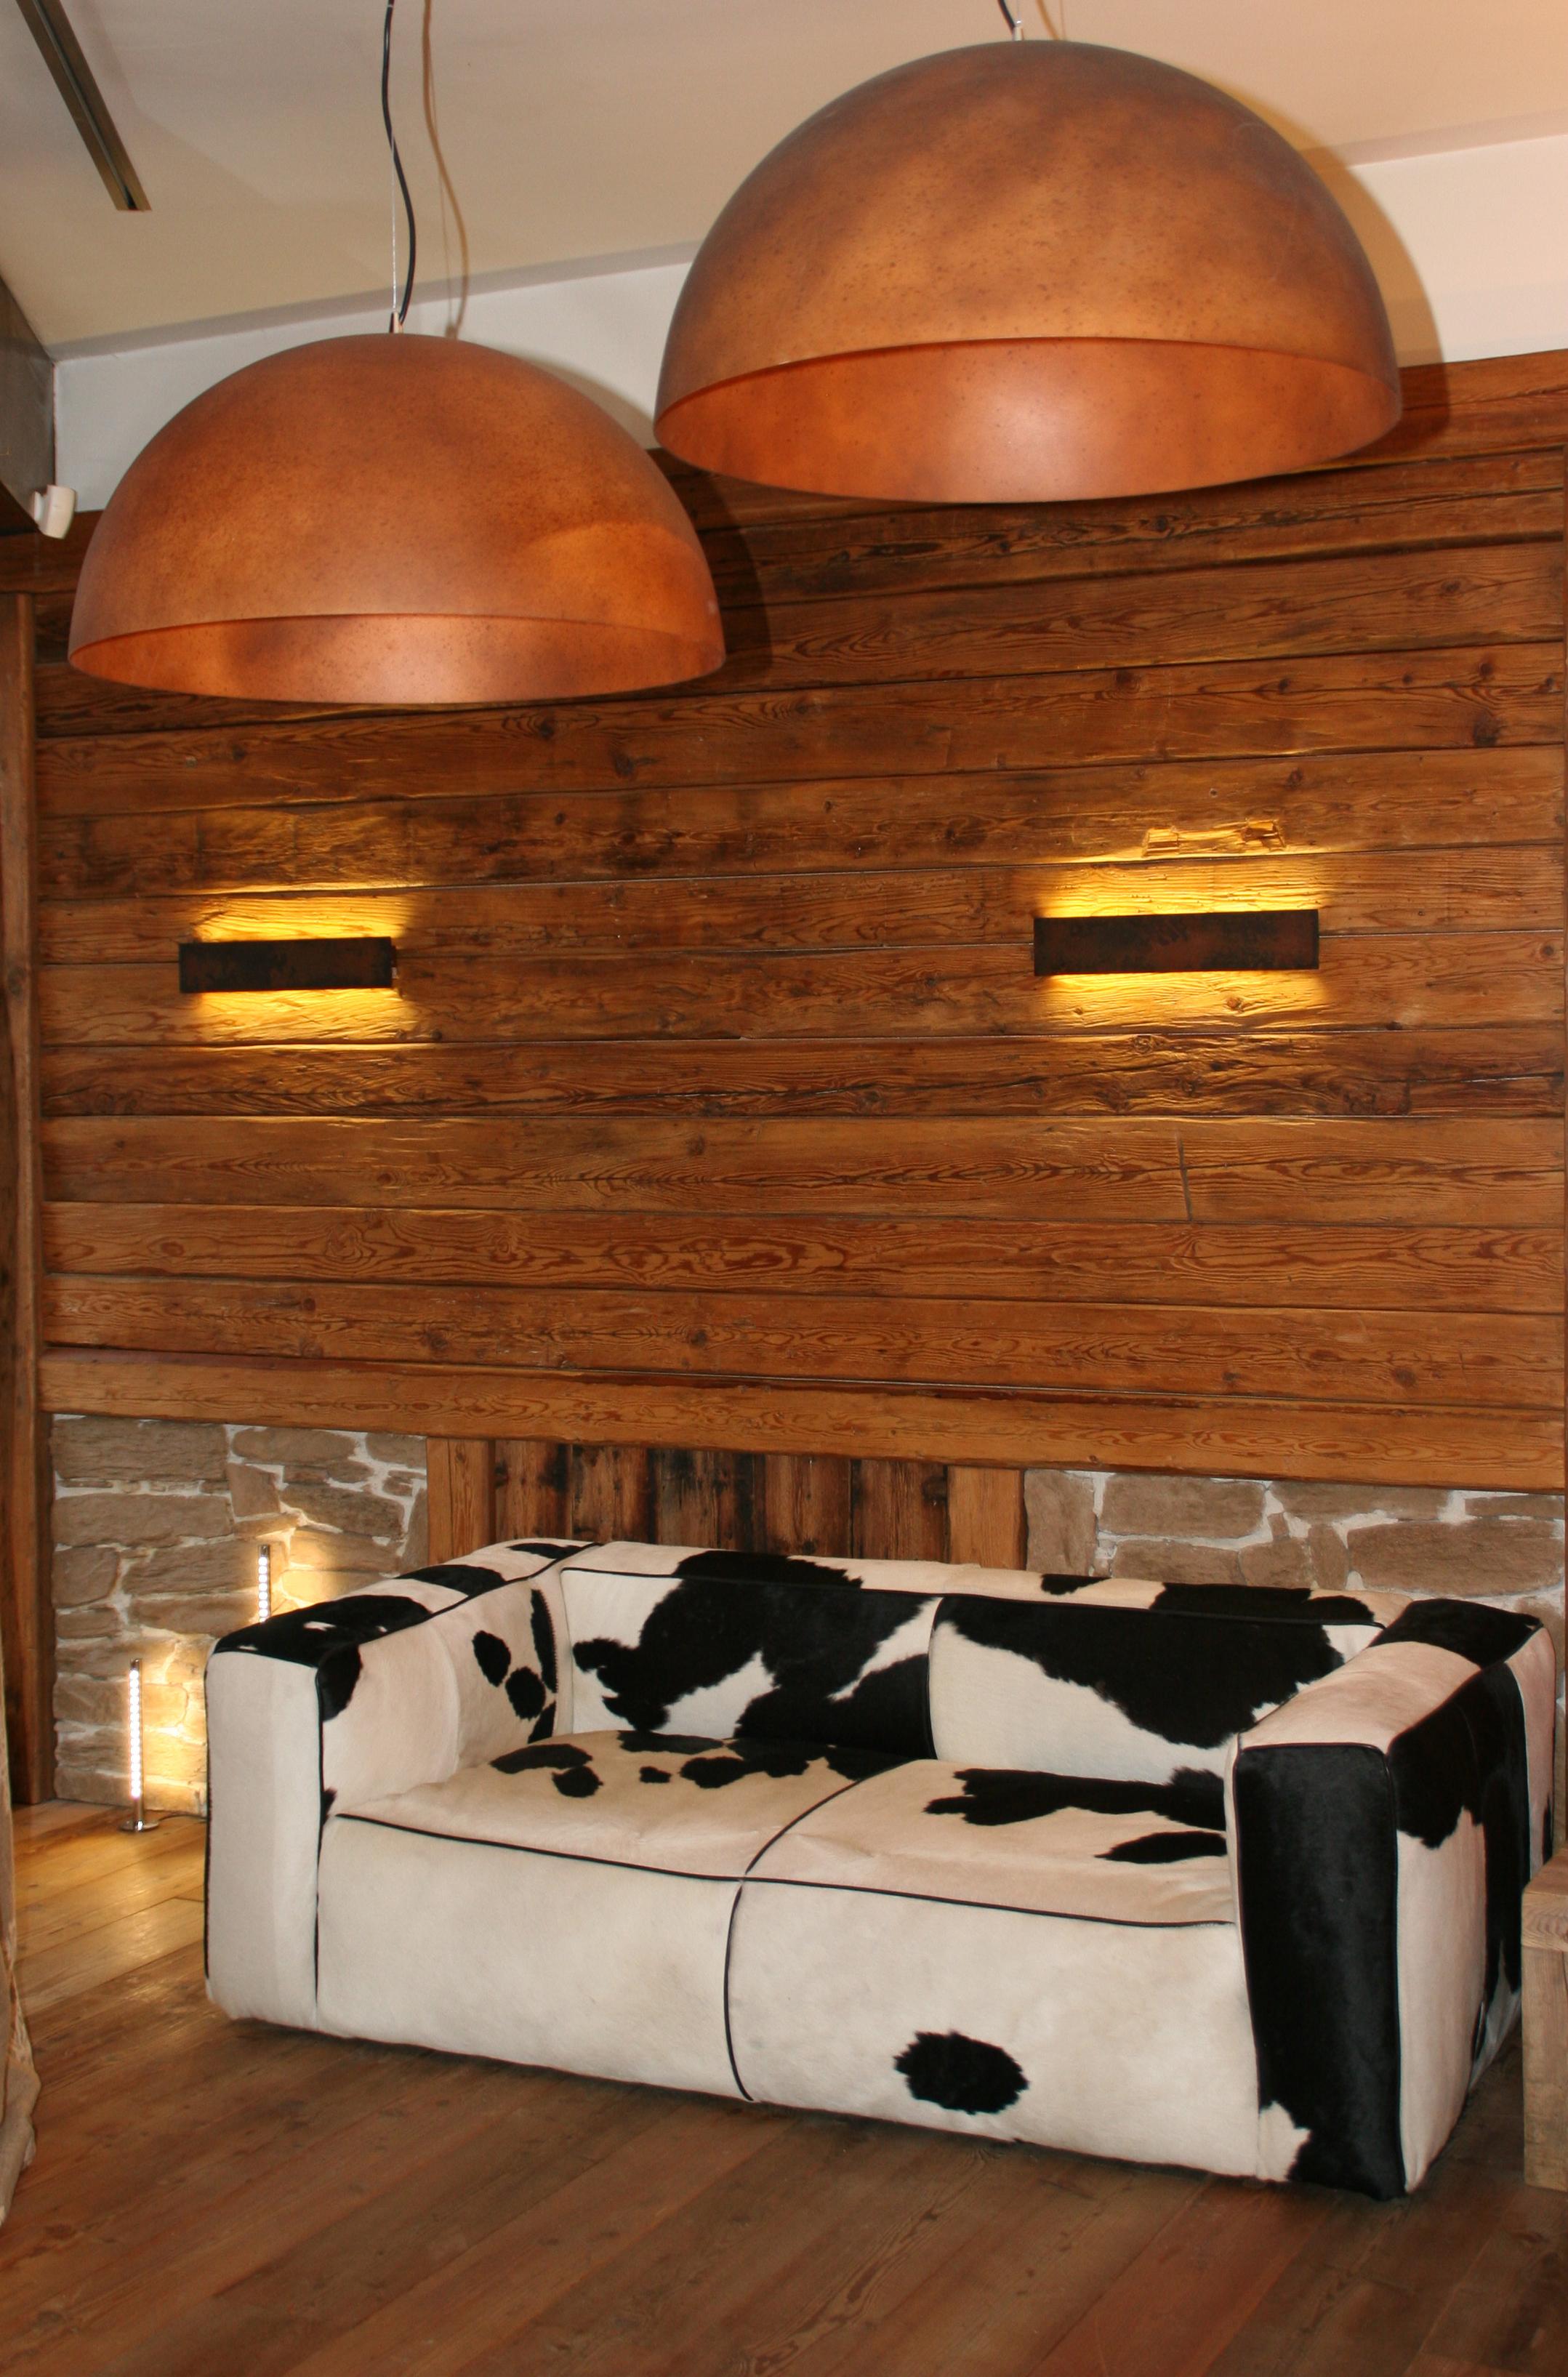 legni e progetti - Asiago